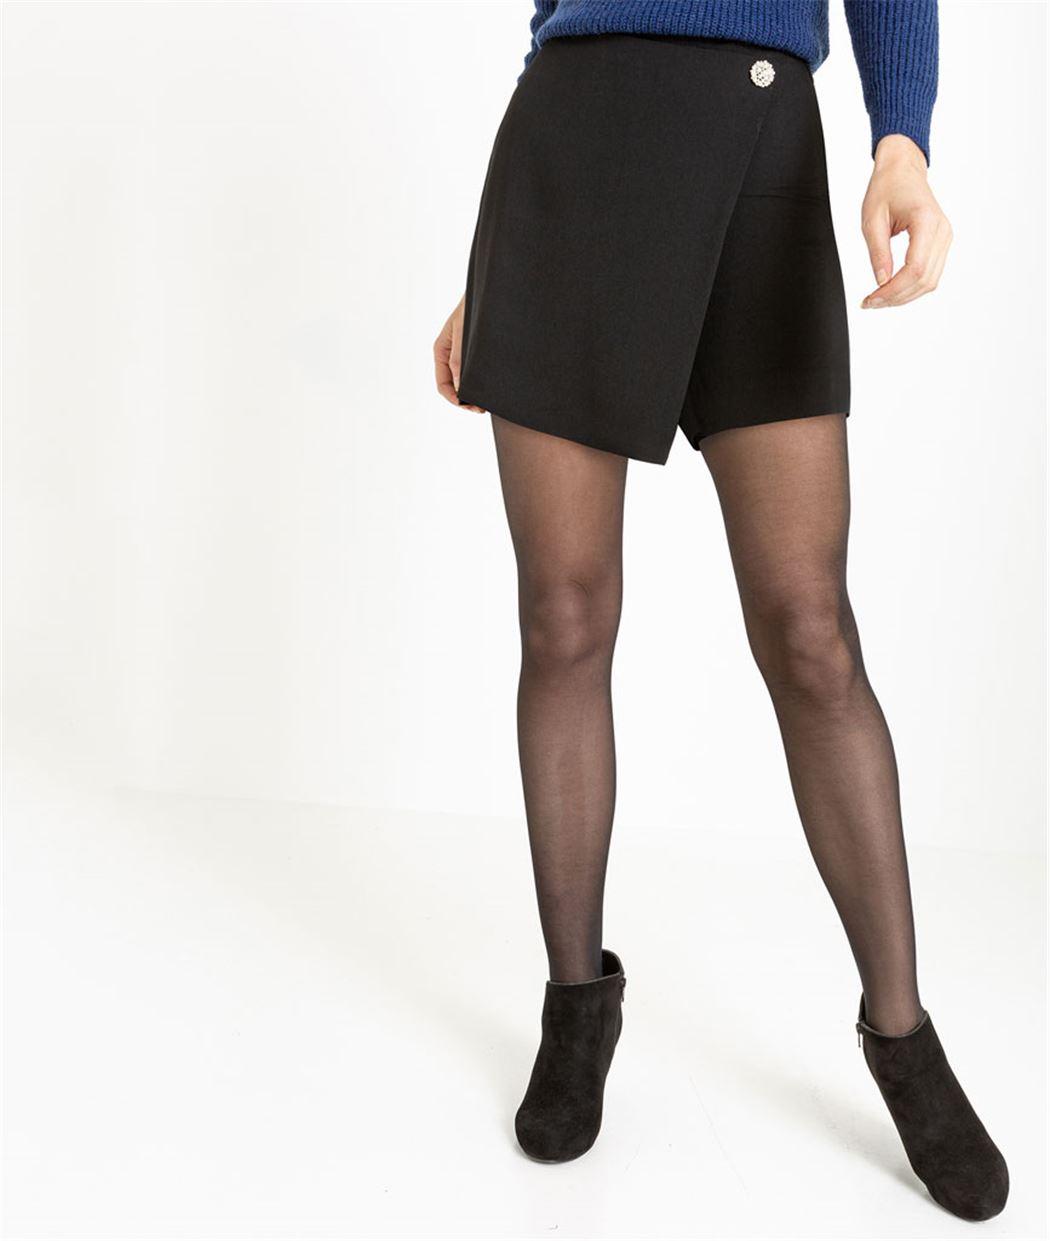 Jupe short femme noire avec détail bijou NOIR - Grain de Malice 50053d7d3723